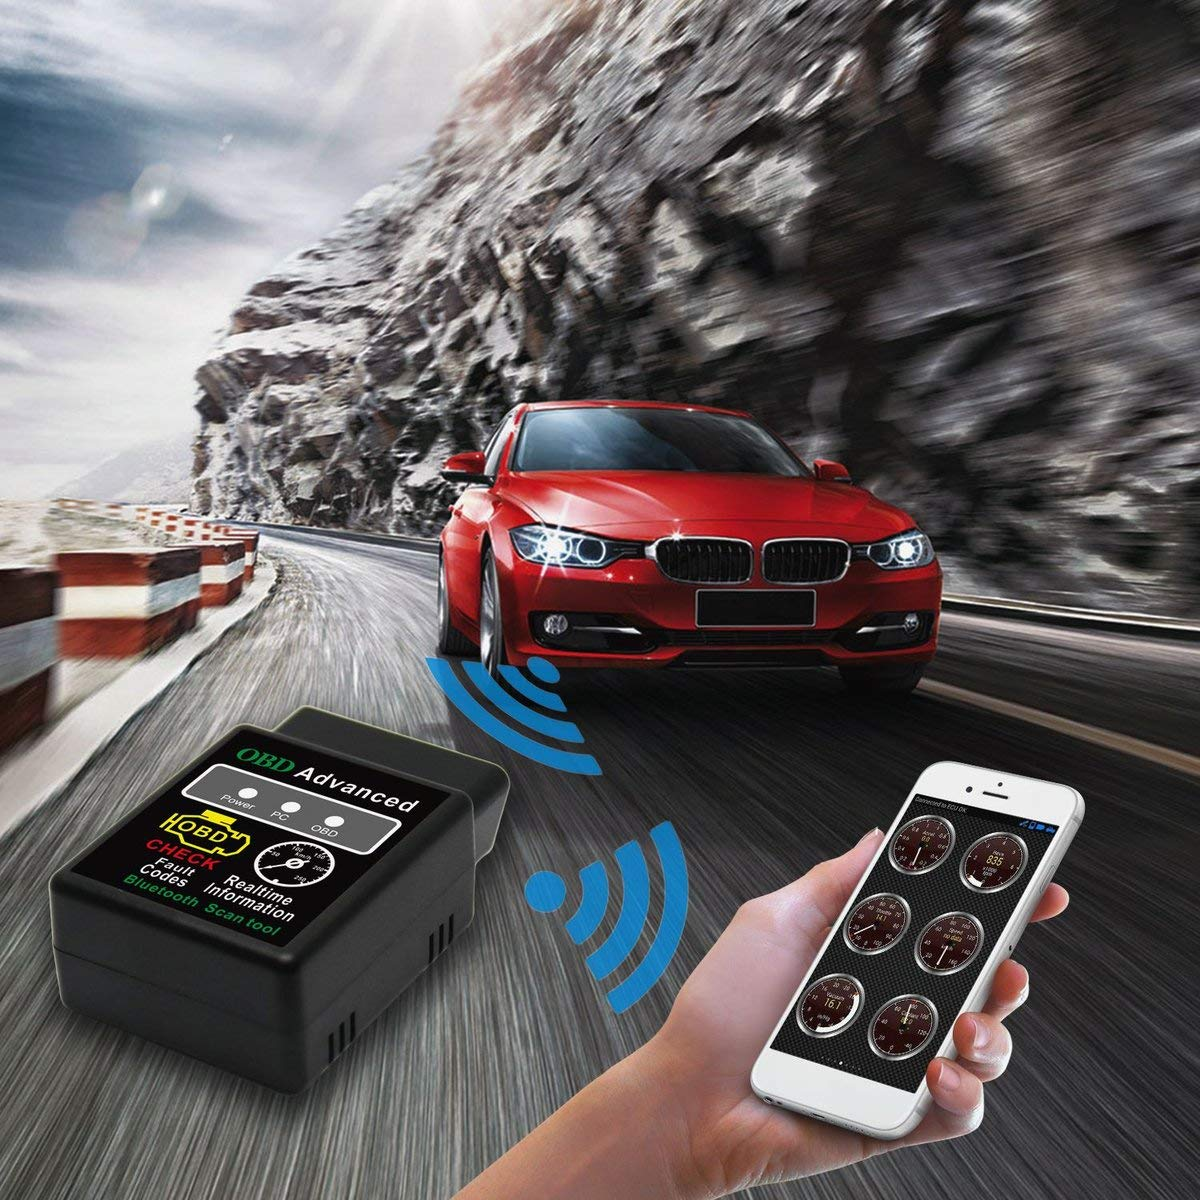 Scanner diagnostico dellautomobile Obd2 Scanner V02H2-1 Lettore di codice diagnostico di Strumento diagnostico di guasto di Automobile dellautomobile del Veicolo Bluetooth